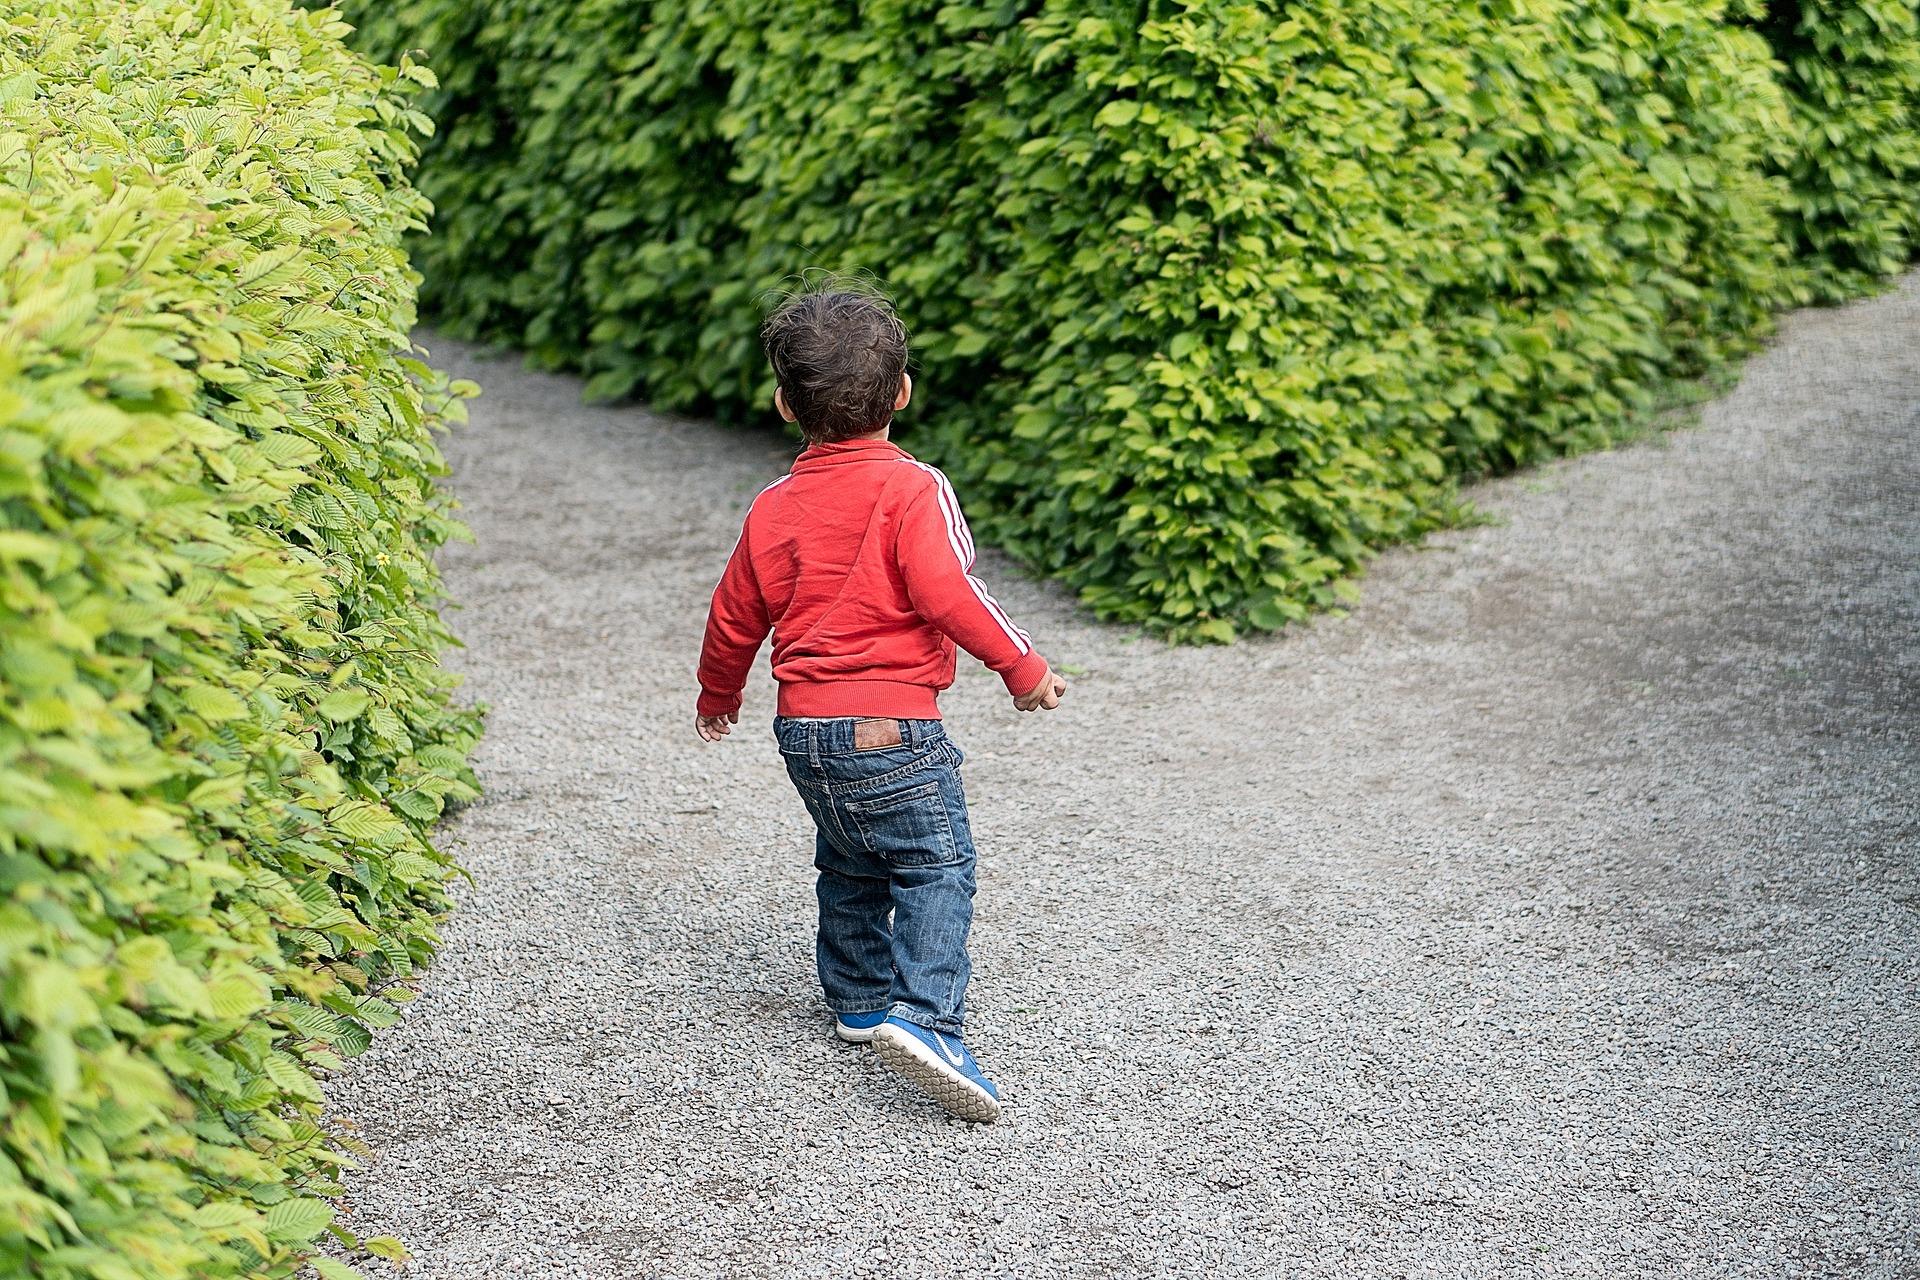 Zaginięcie dziecka - jak sobie poradzić?